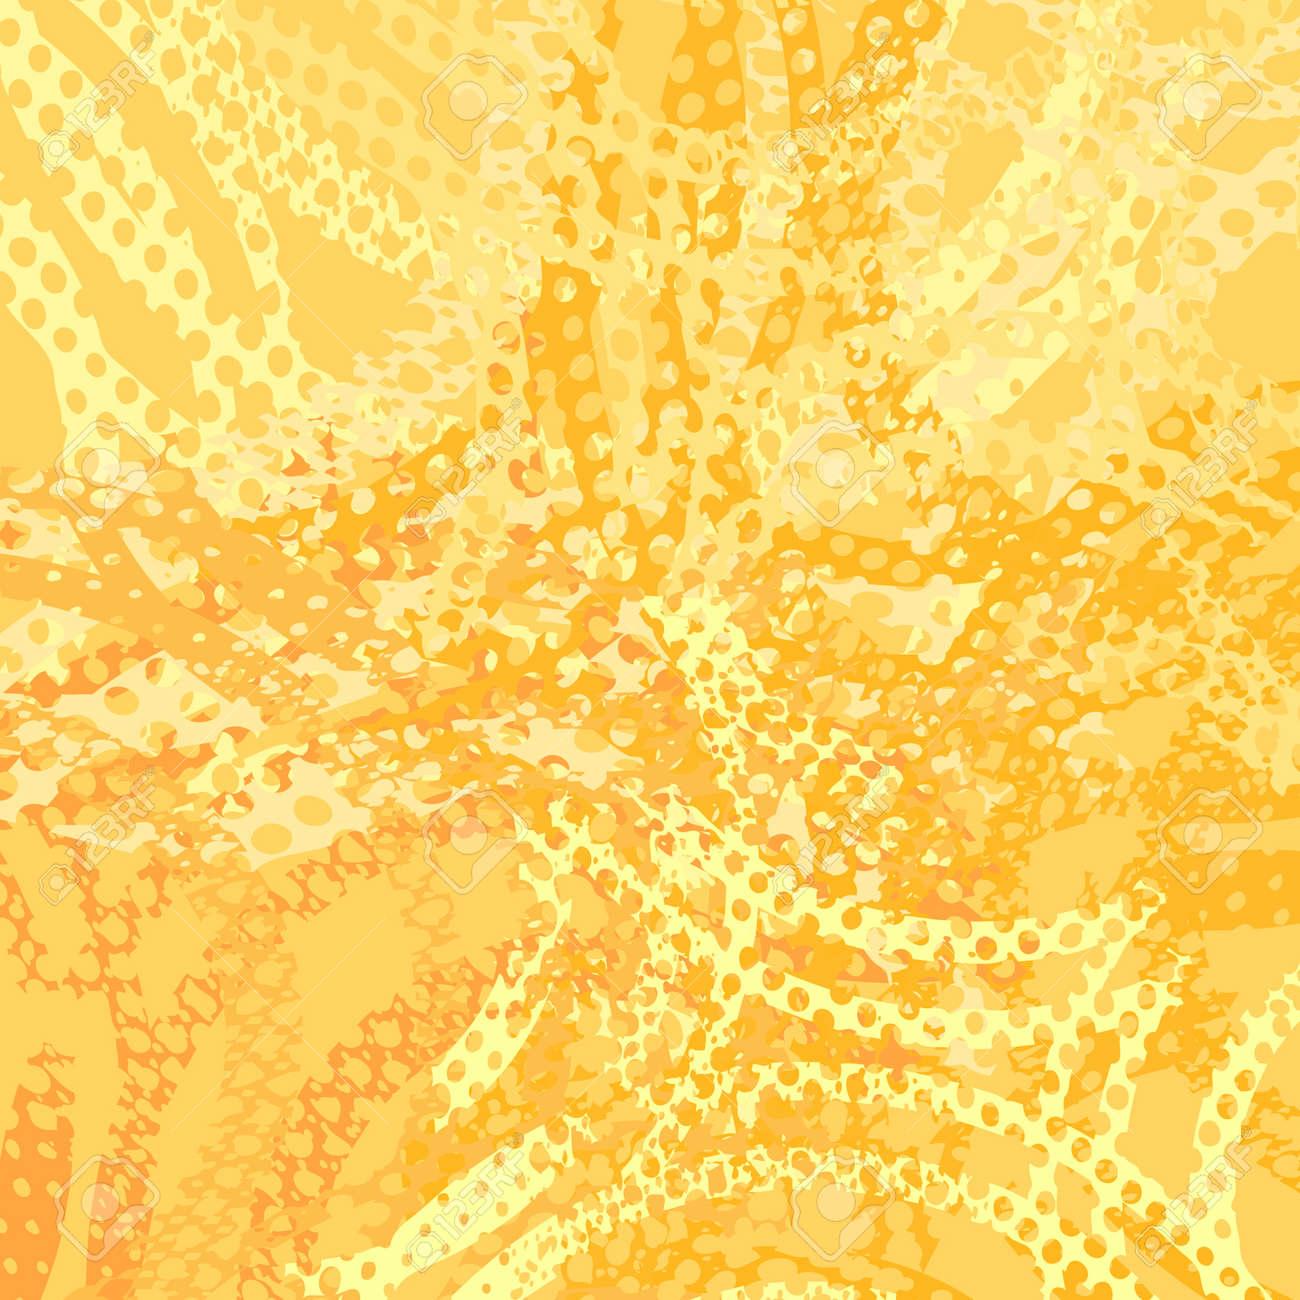 暖かい壁紙のイラスト素材 ベクタ Image 10922342